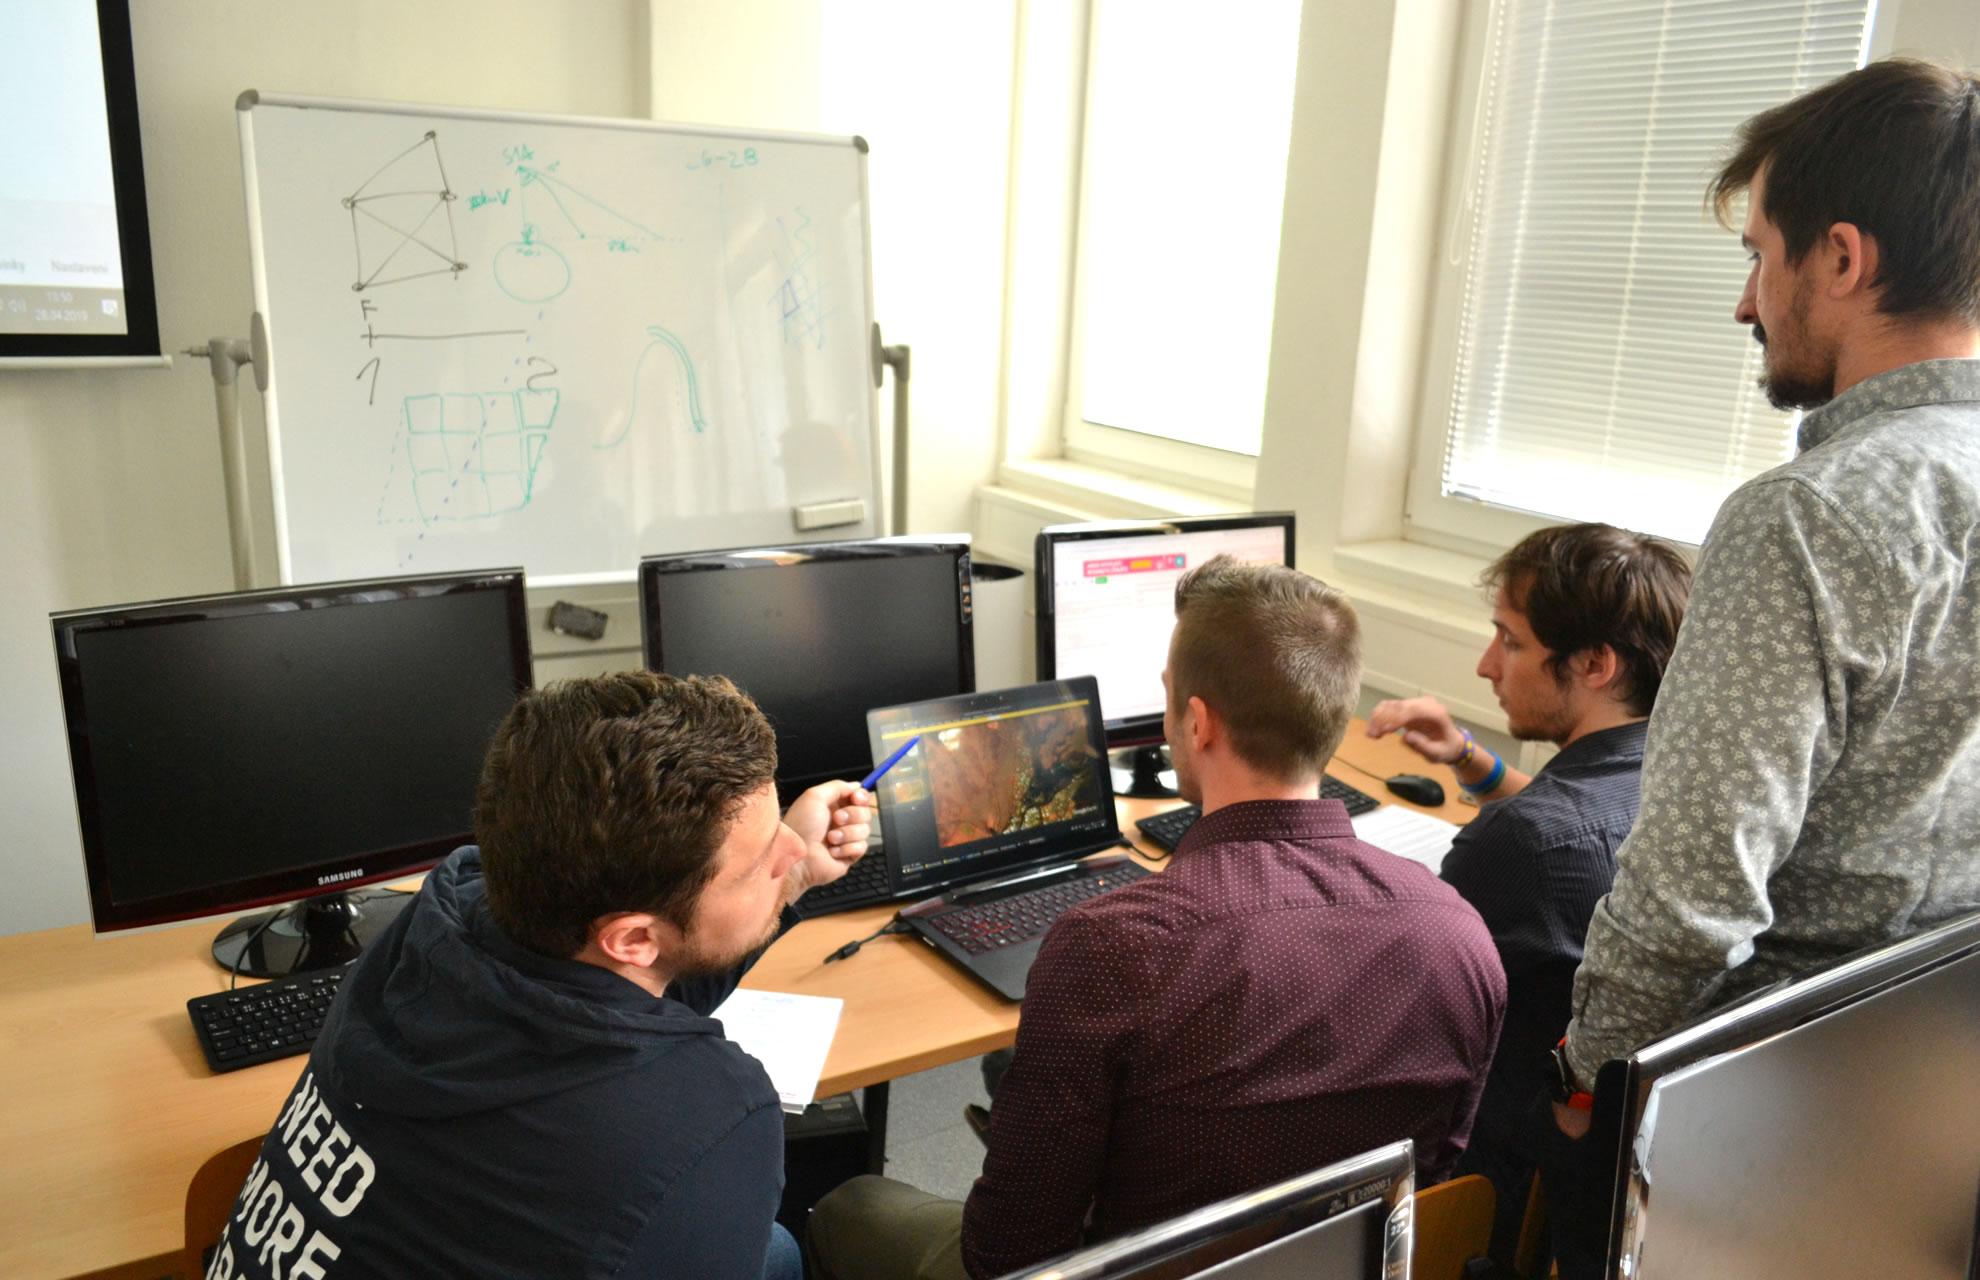 Mentor Petr Kapoun (vlevo) a tým Ruopot (zleva David Kolář, Martin Porteš, Martin Sadílek) / foto Tomáš Pour, katedra geoinformatiky UPOL